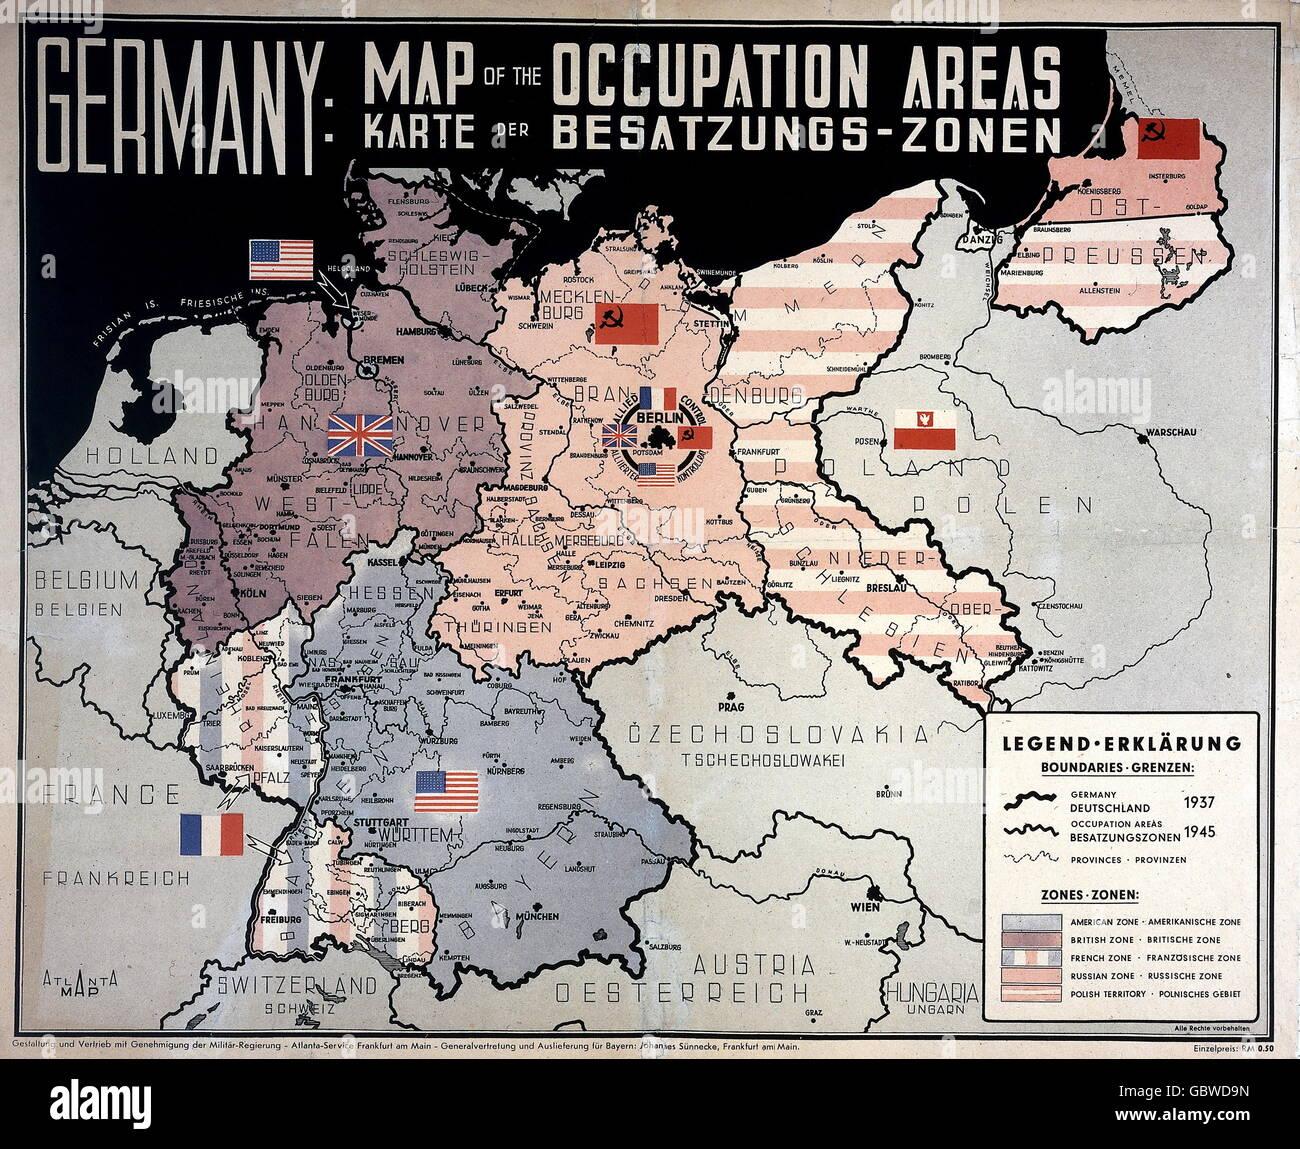 Carte Occupation Allemagne 1945.Apres Guerre L Allemagne L Occupation Alliee La Carte De